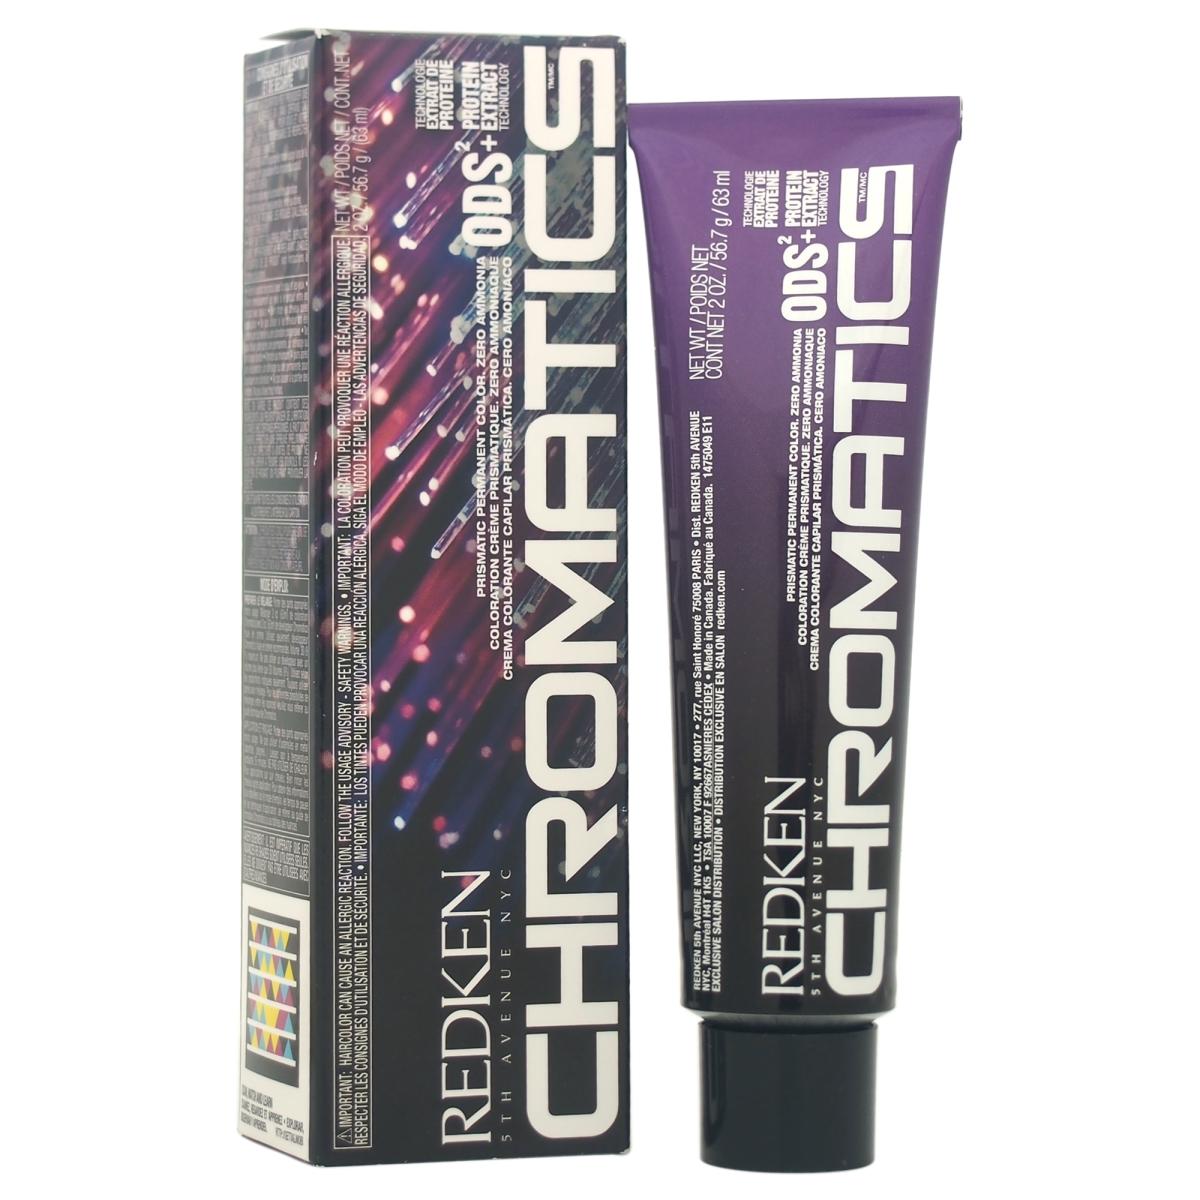 Redken U-HC-8237 2 oz Chromatics Prismatic No.1 Hair Color for Unisex Ash Blue